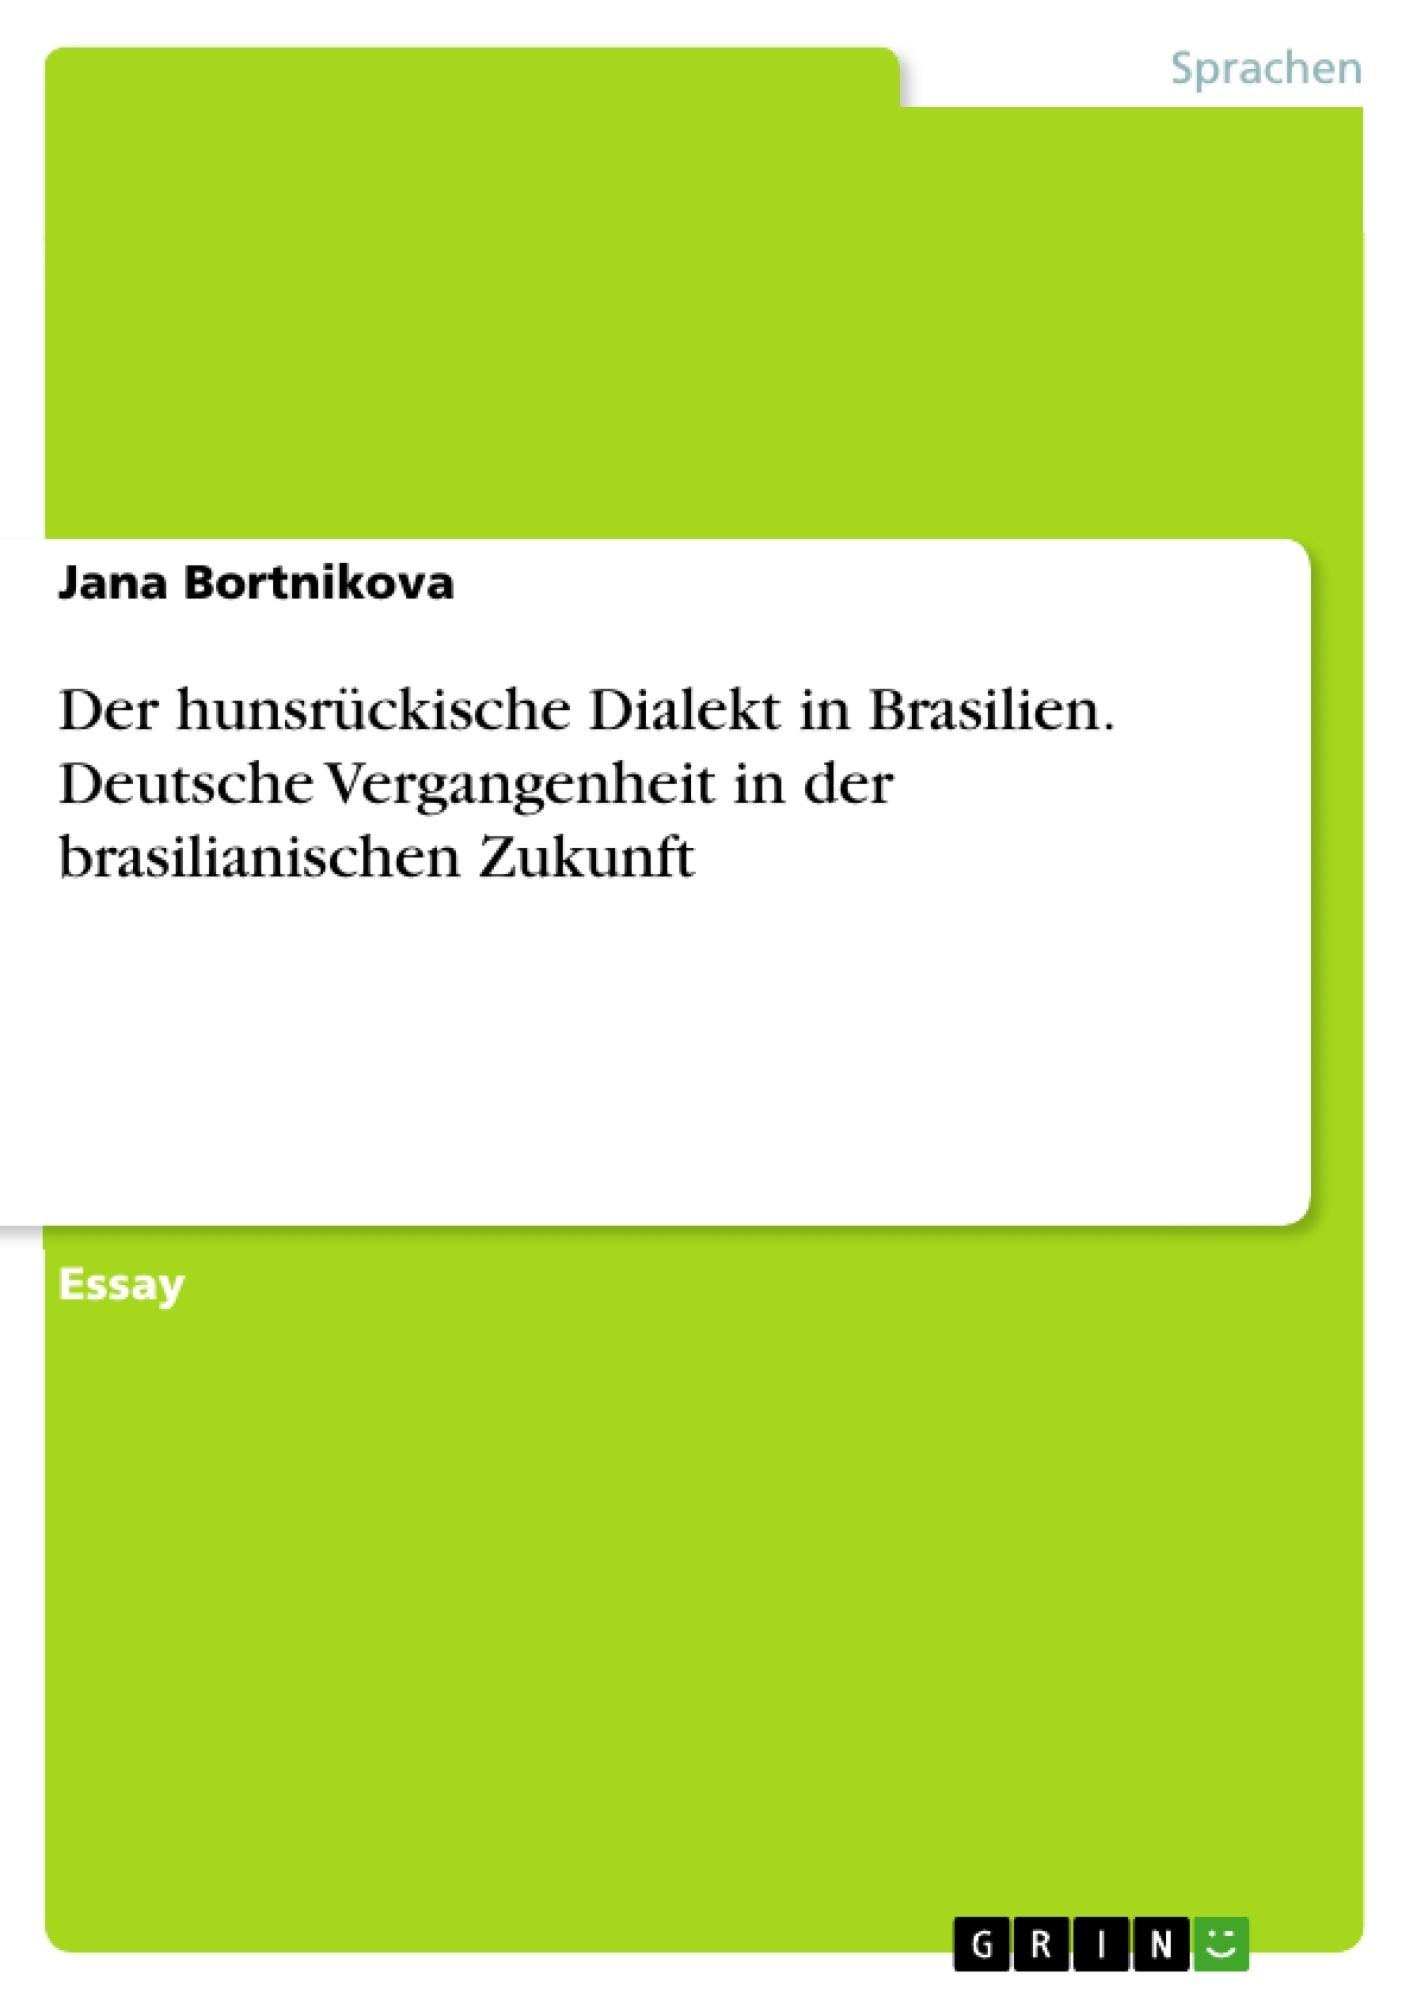 Titel: Der hunsrückische Dialekt in Brasilien. Deutsche Vergangenheit in der brasilianischen Zukunft